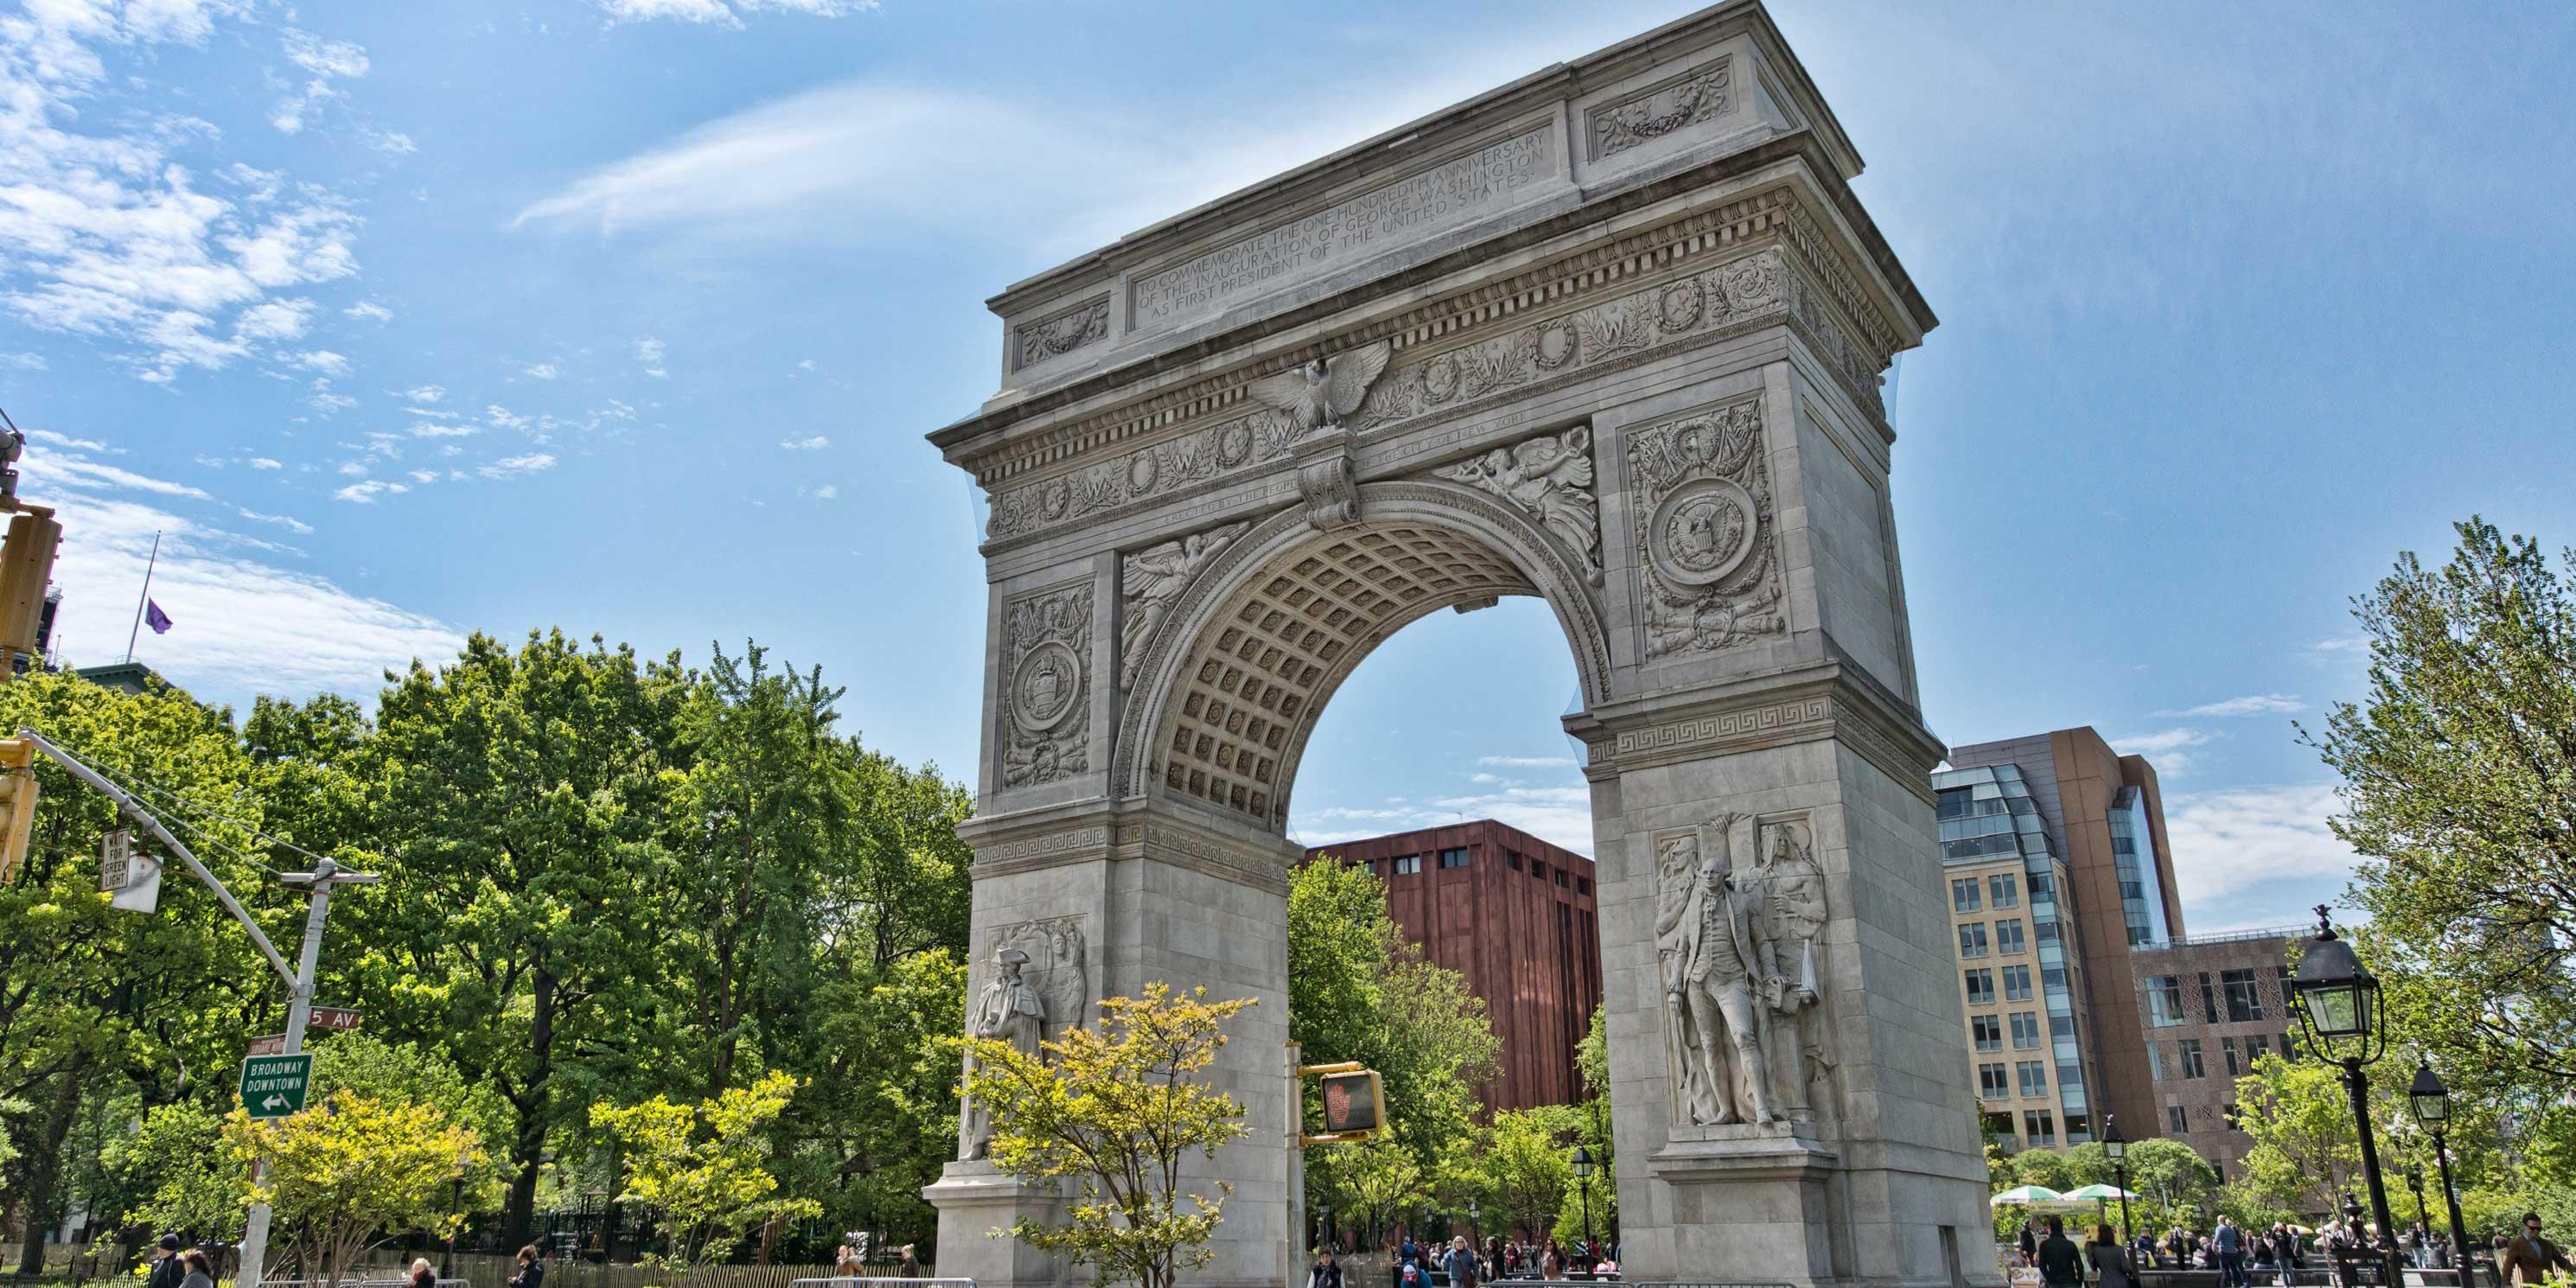 arch in Washington Square Park